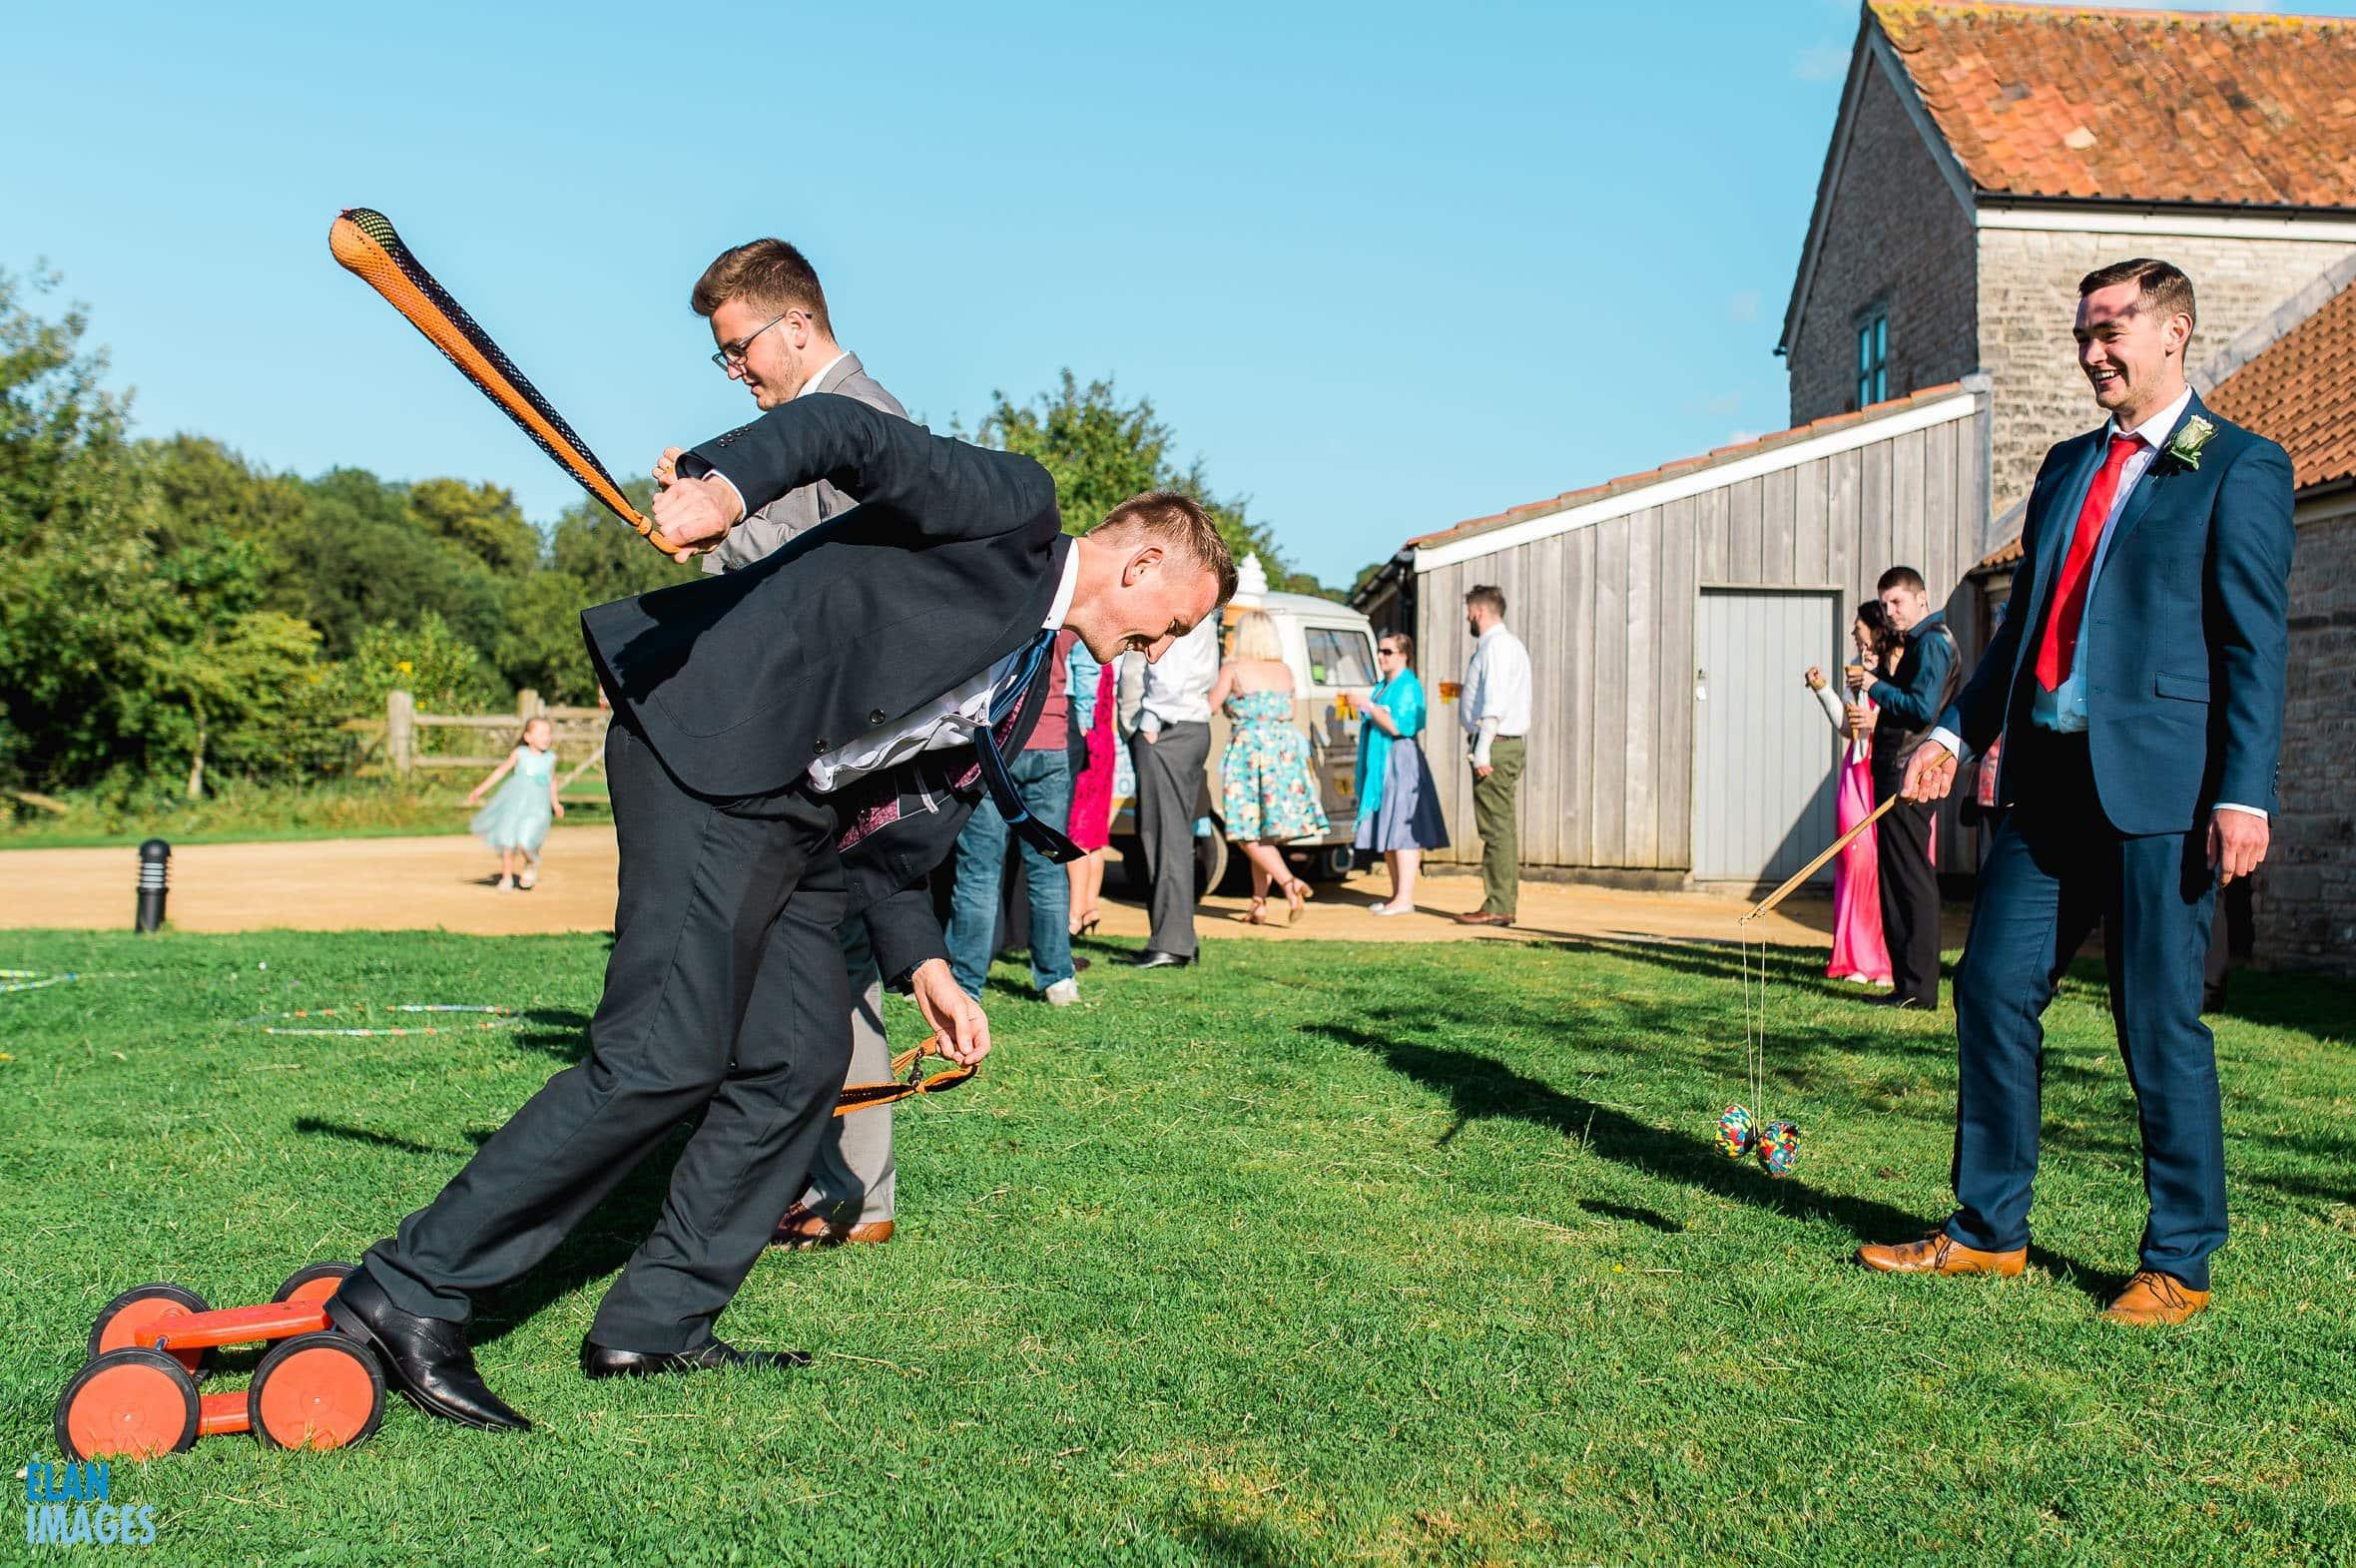 Summer Wedding at the Folly Farm Centre, Pensford 70